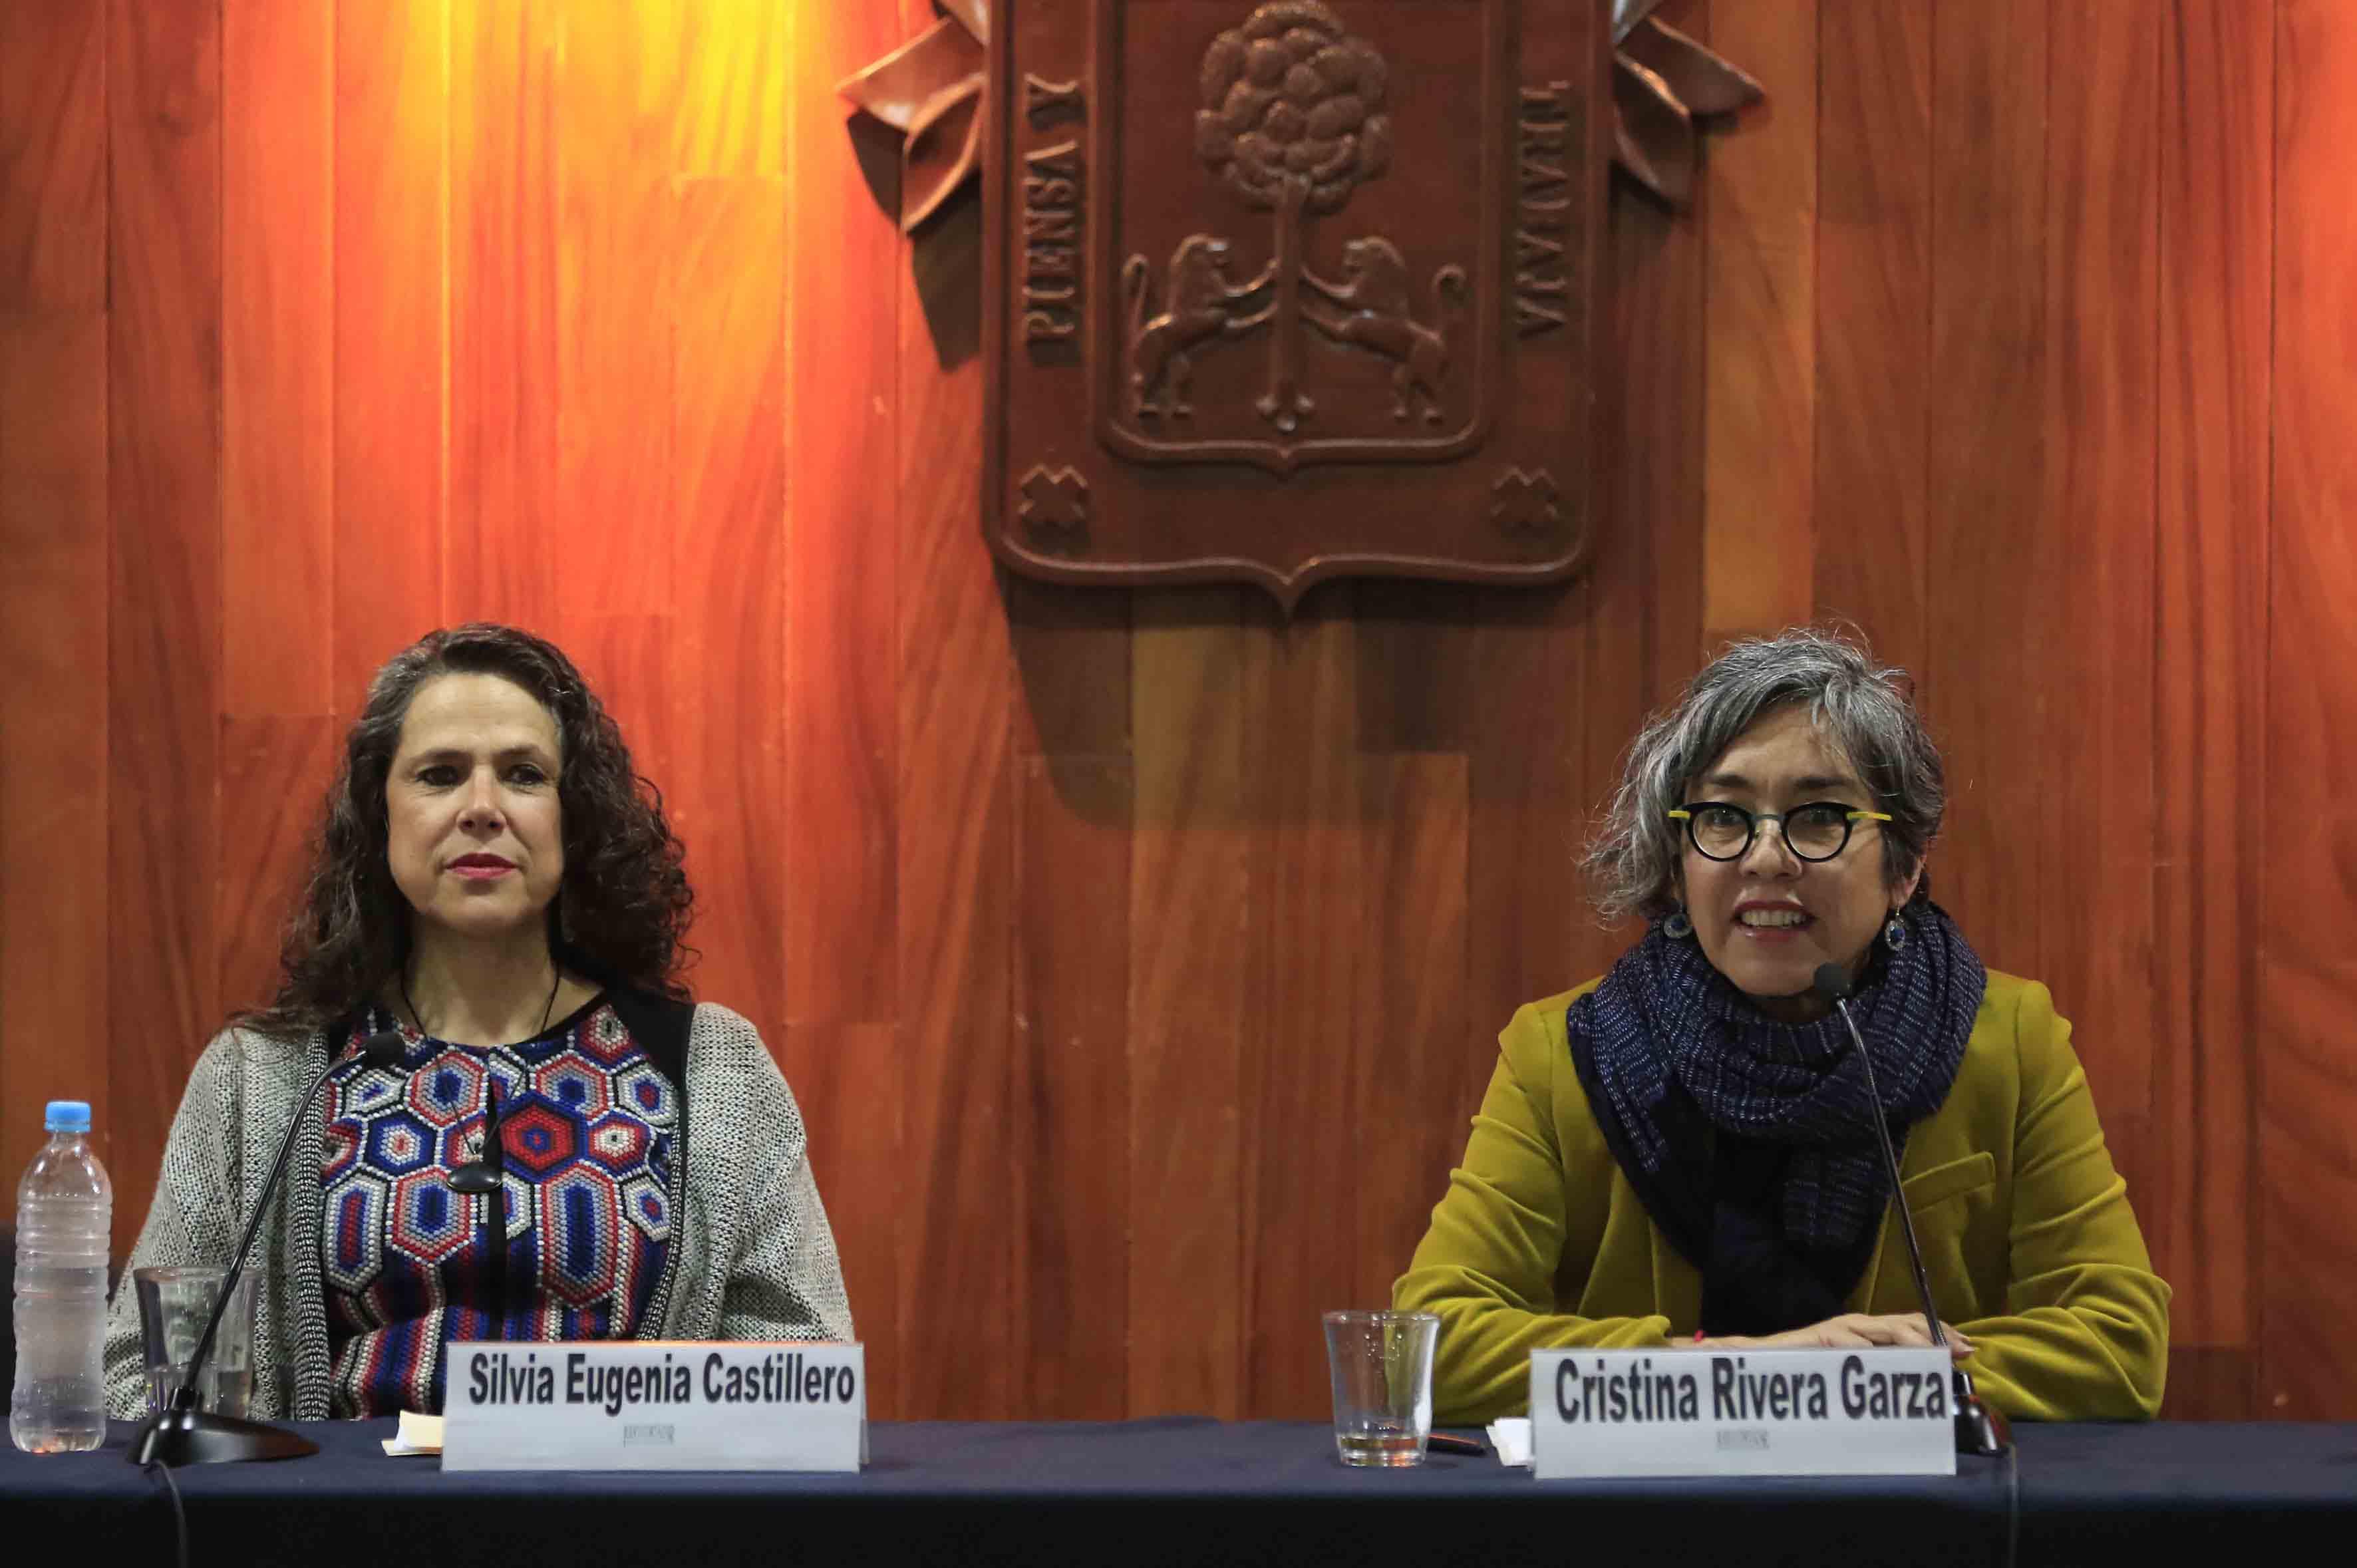 Escritora Cristina Rivera Garza, durante la primera conferencia de este año de la Cátedra Latinoamericana Julio Cortázar, organizada por el Centro Universitario de Ciencias Sociales y Humanidades (CUCSH).